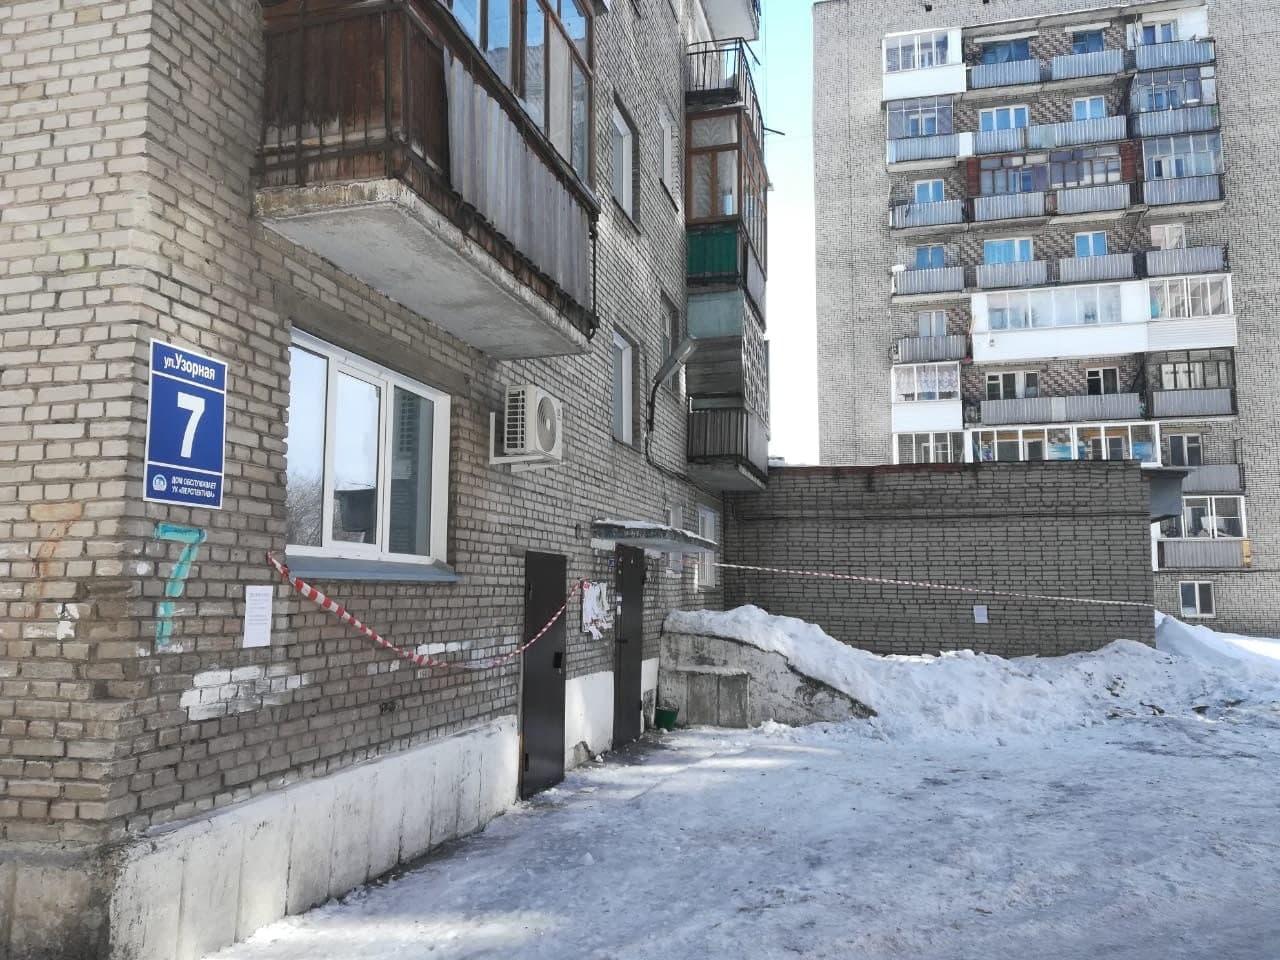 Фото Кровь на снегу: в Новосибирске сосулька-убийца размозжила голову пенсионерке – подробности трагедии 6